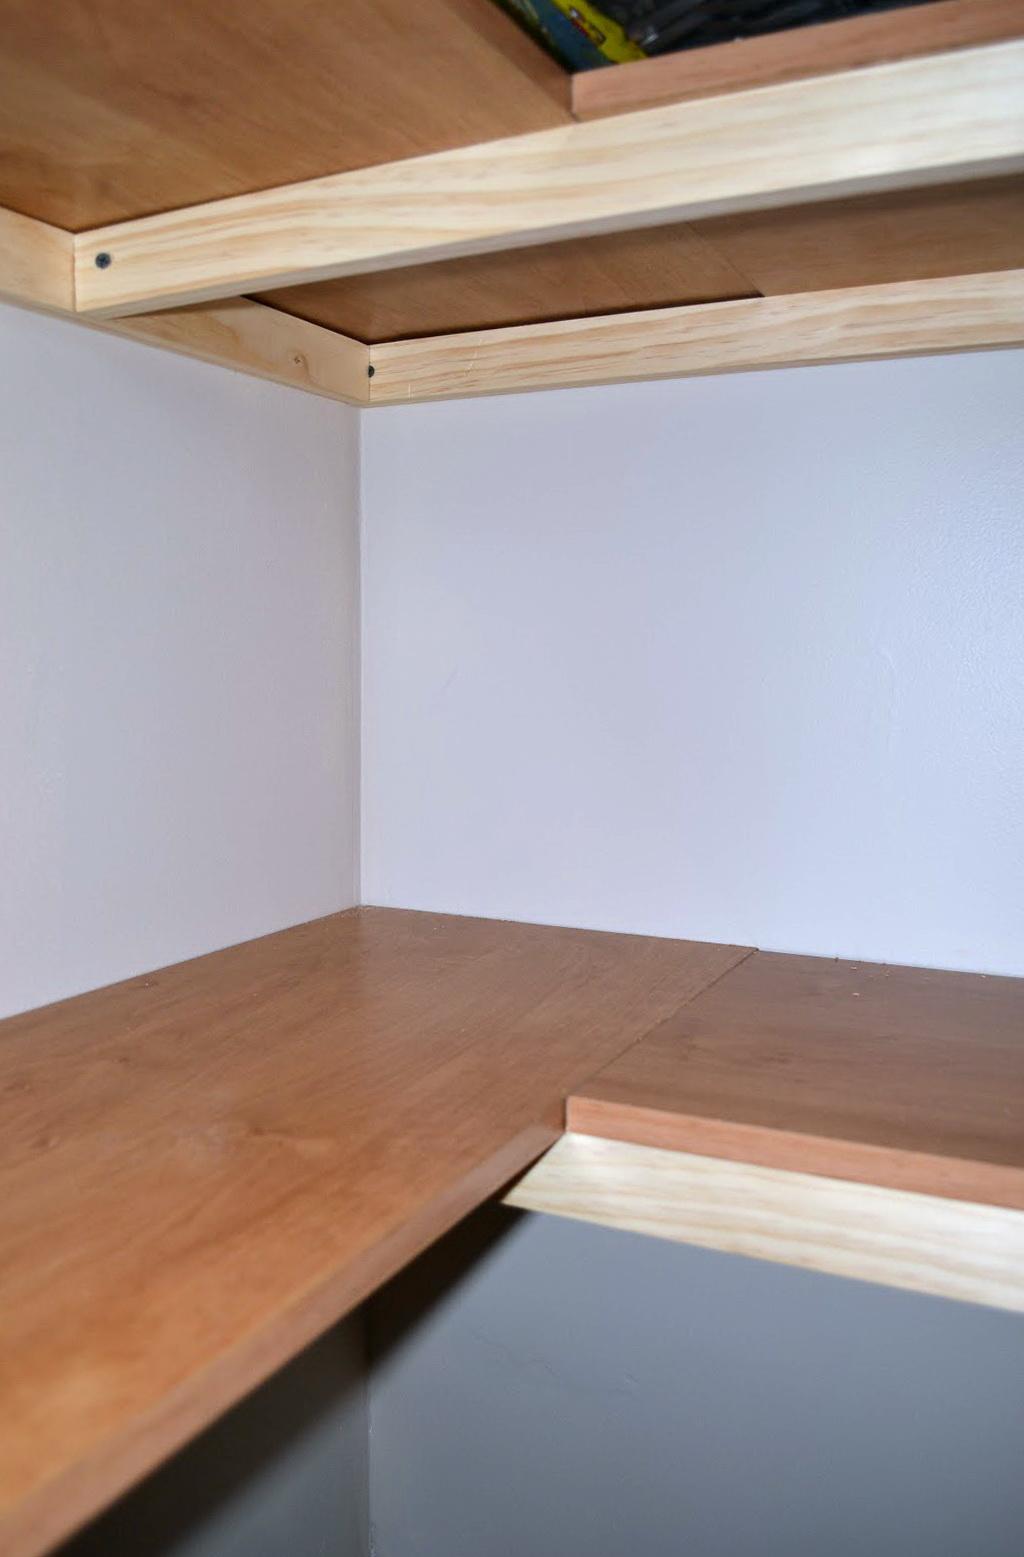 How To Make A Closet Shelf